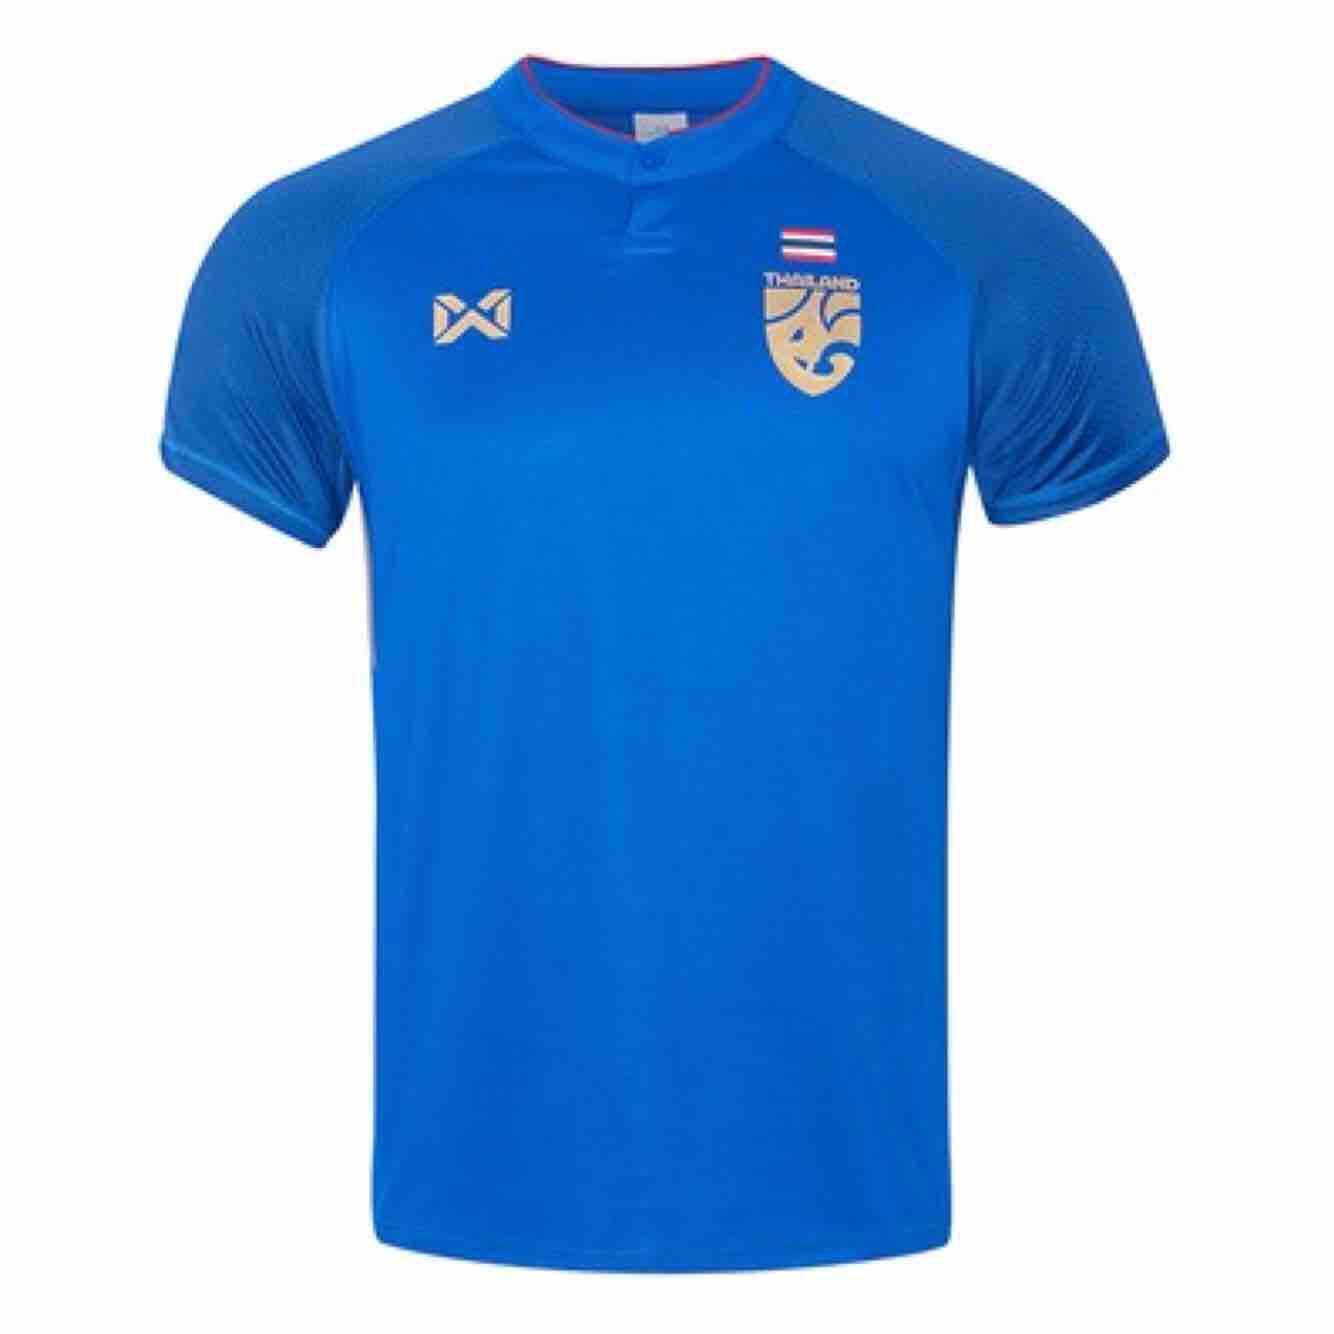 Fitur Jersey Timnas Indonesia Kaos Sepak Bola Merah Setelan Baju Anak Lining Thailand Home 2018 Asian Games Seragam